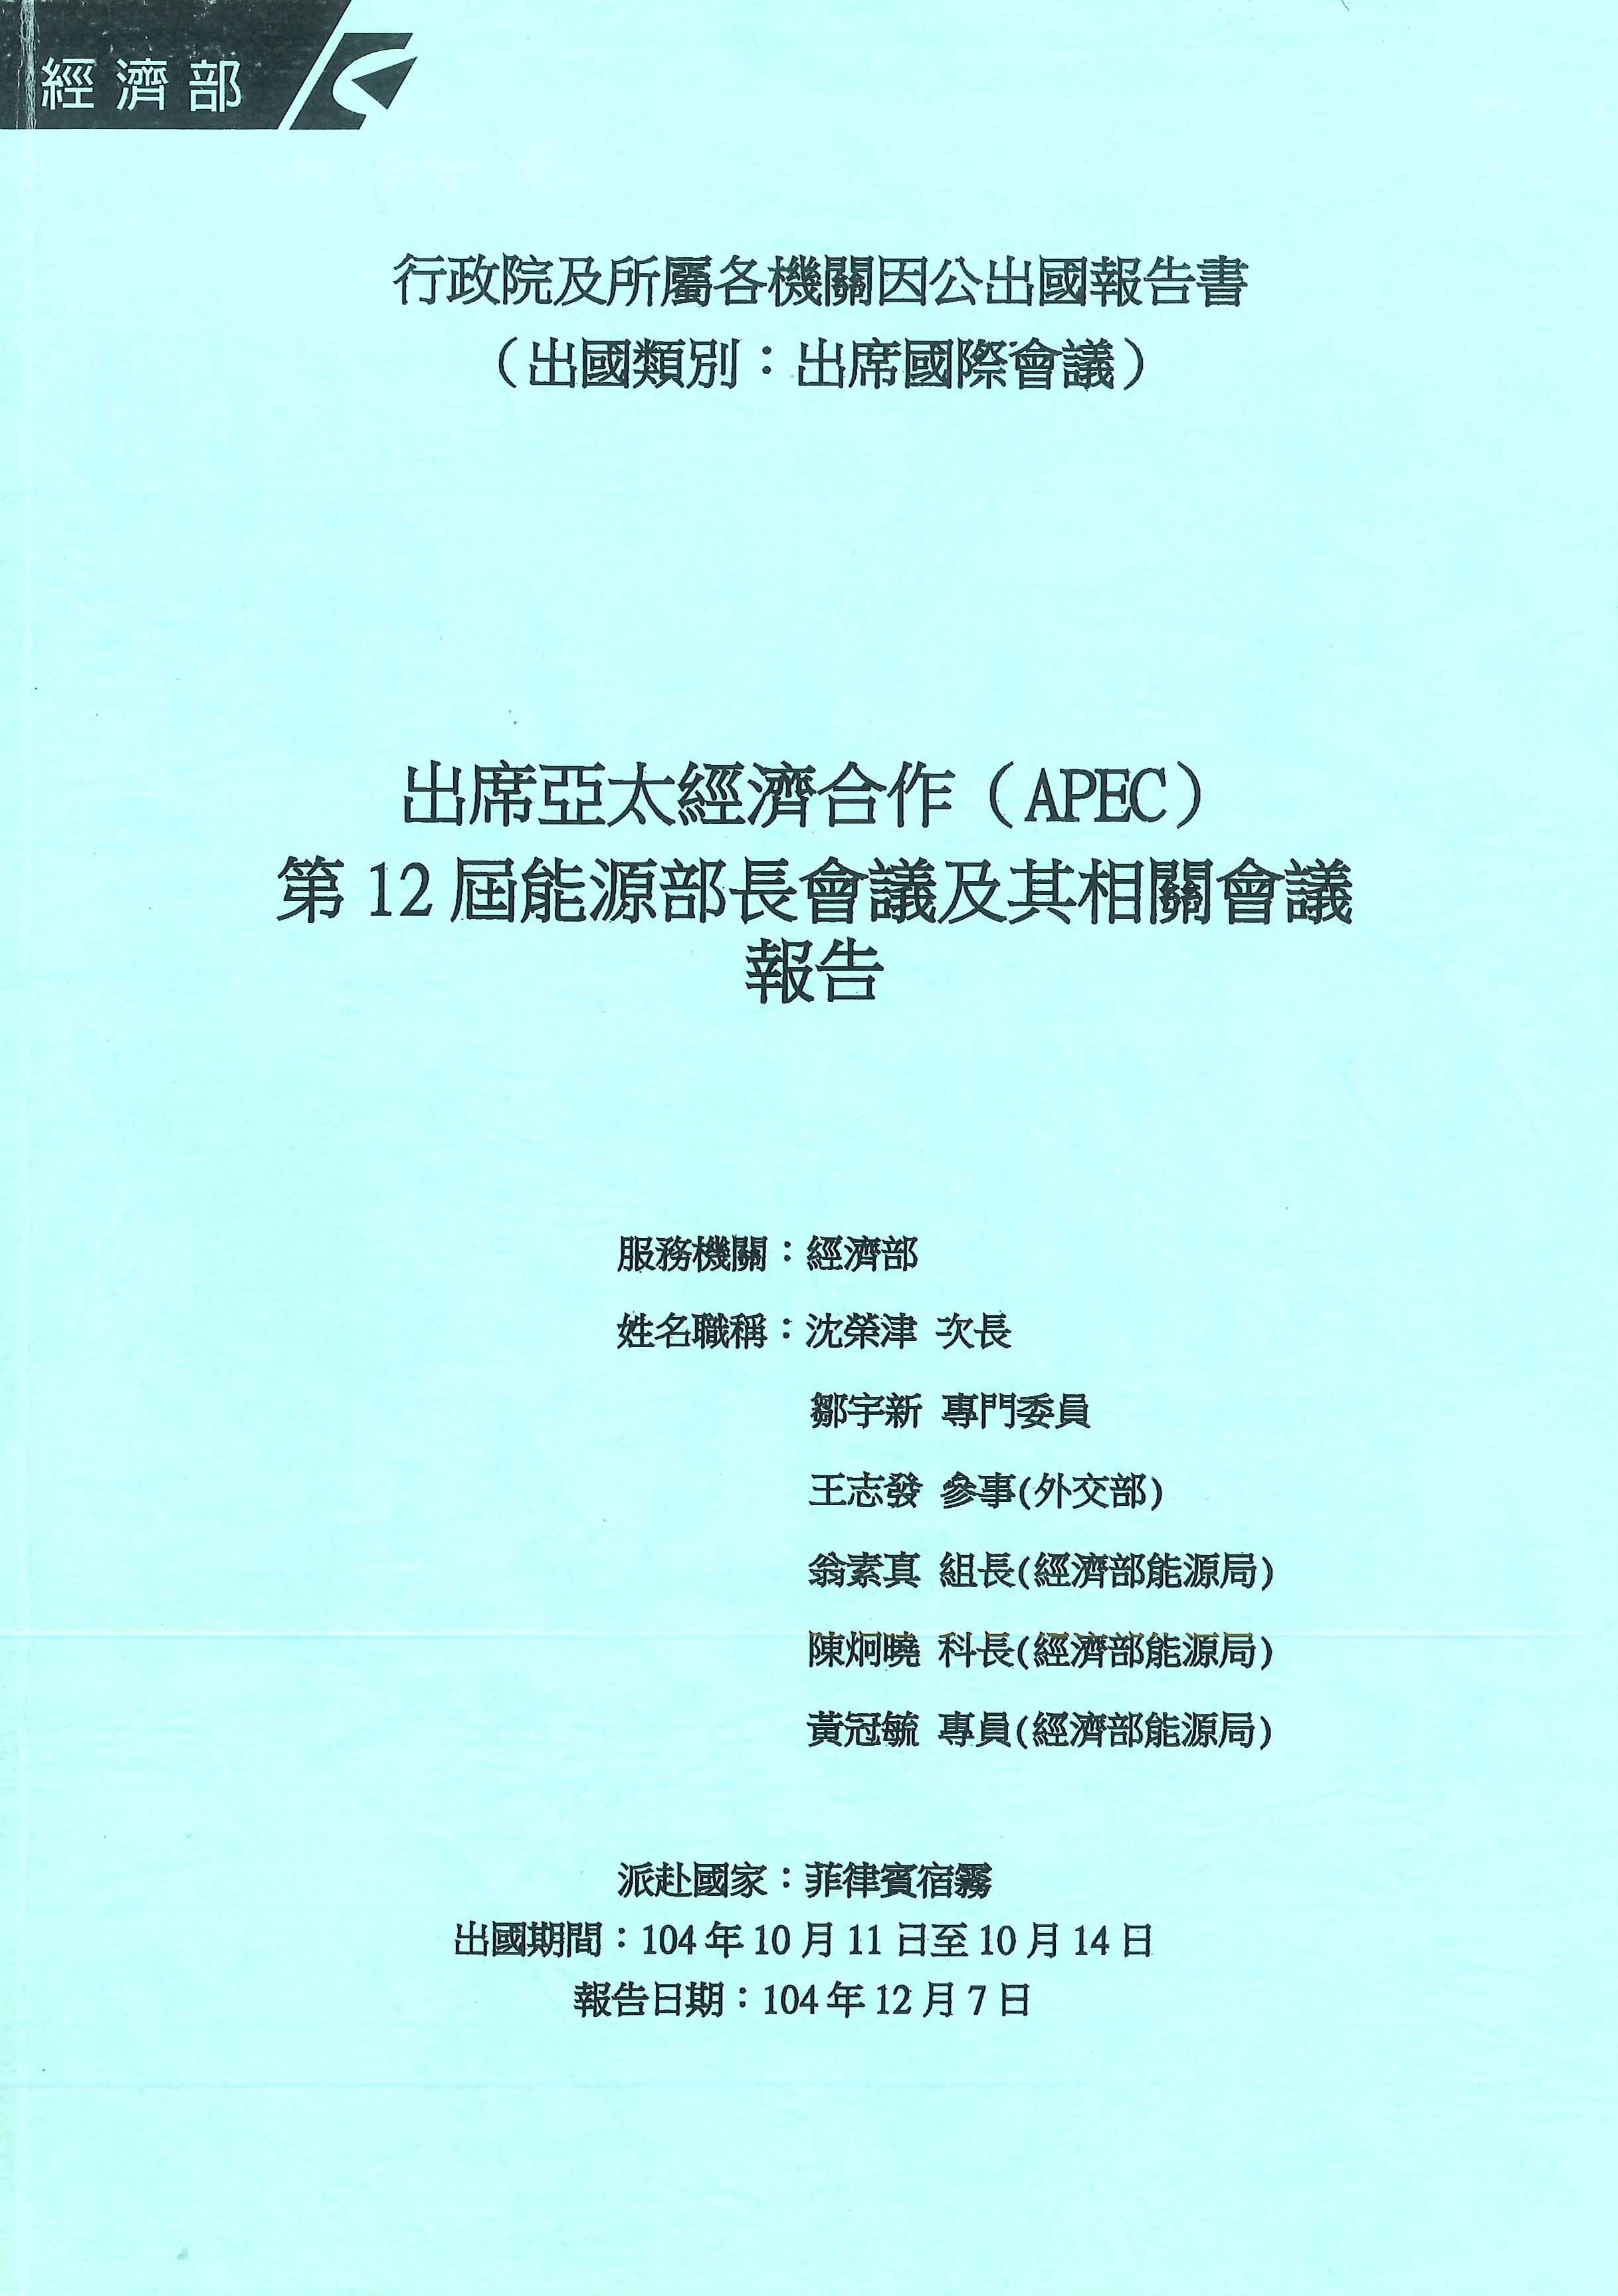 出席亞太經濟合作(APEC)第12屆能源部長會議及其相關會議報告